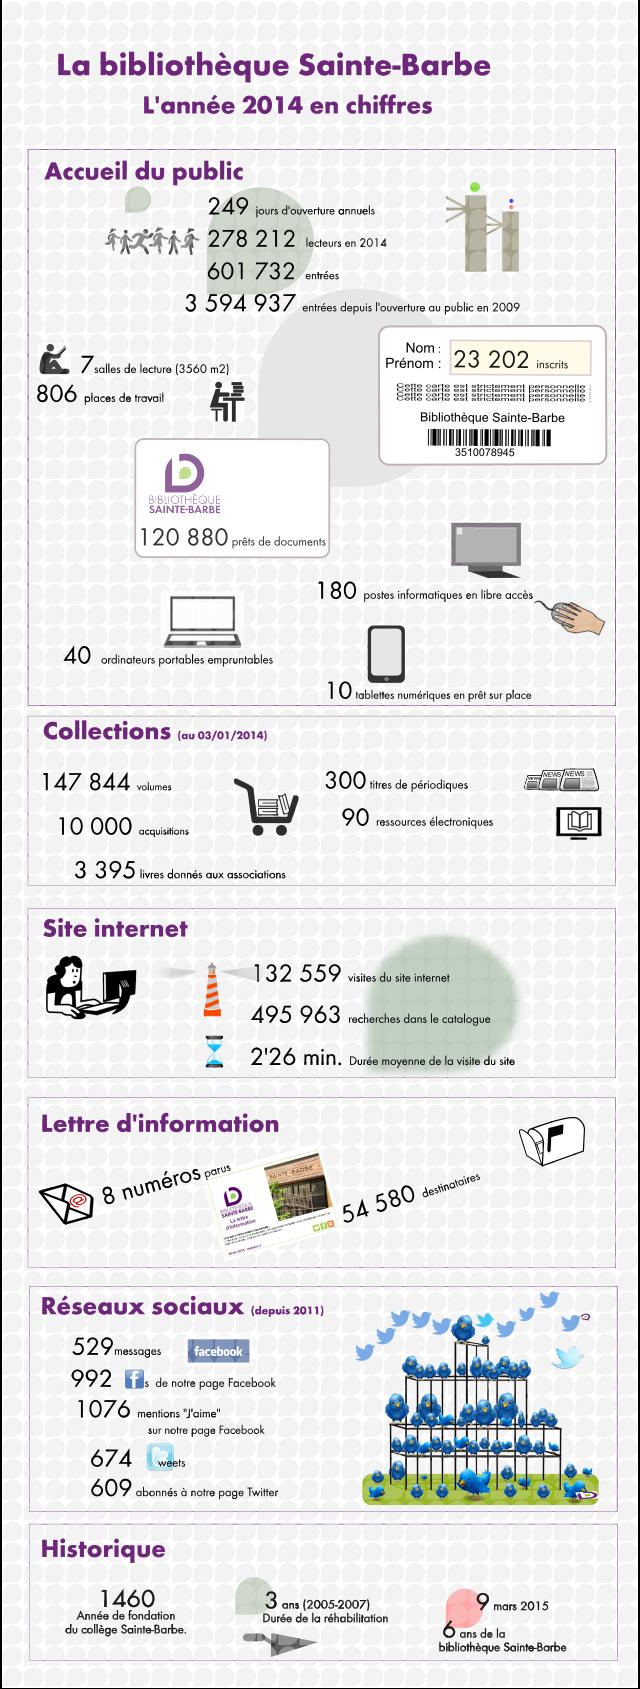 La bibliotheque en chiffres 2014